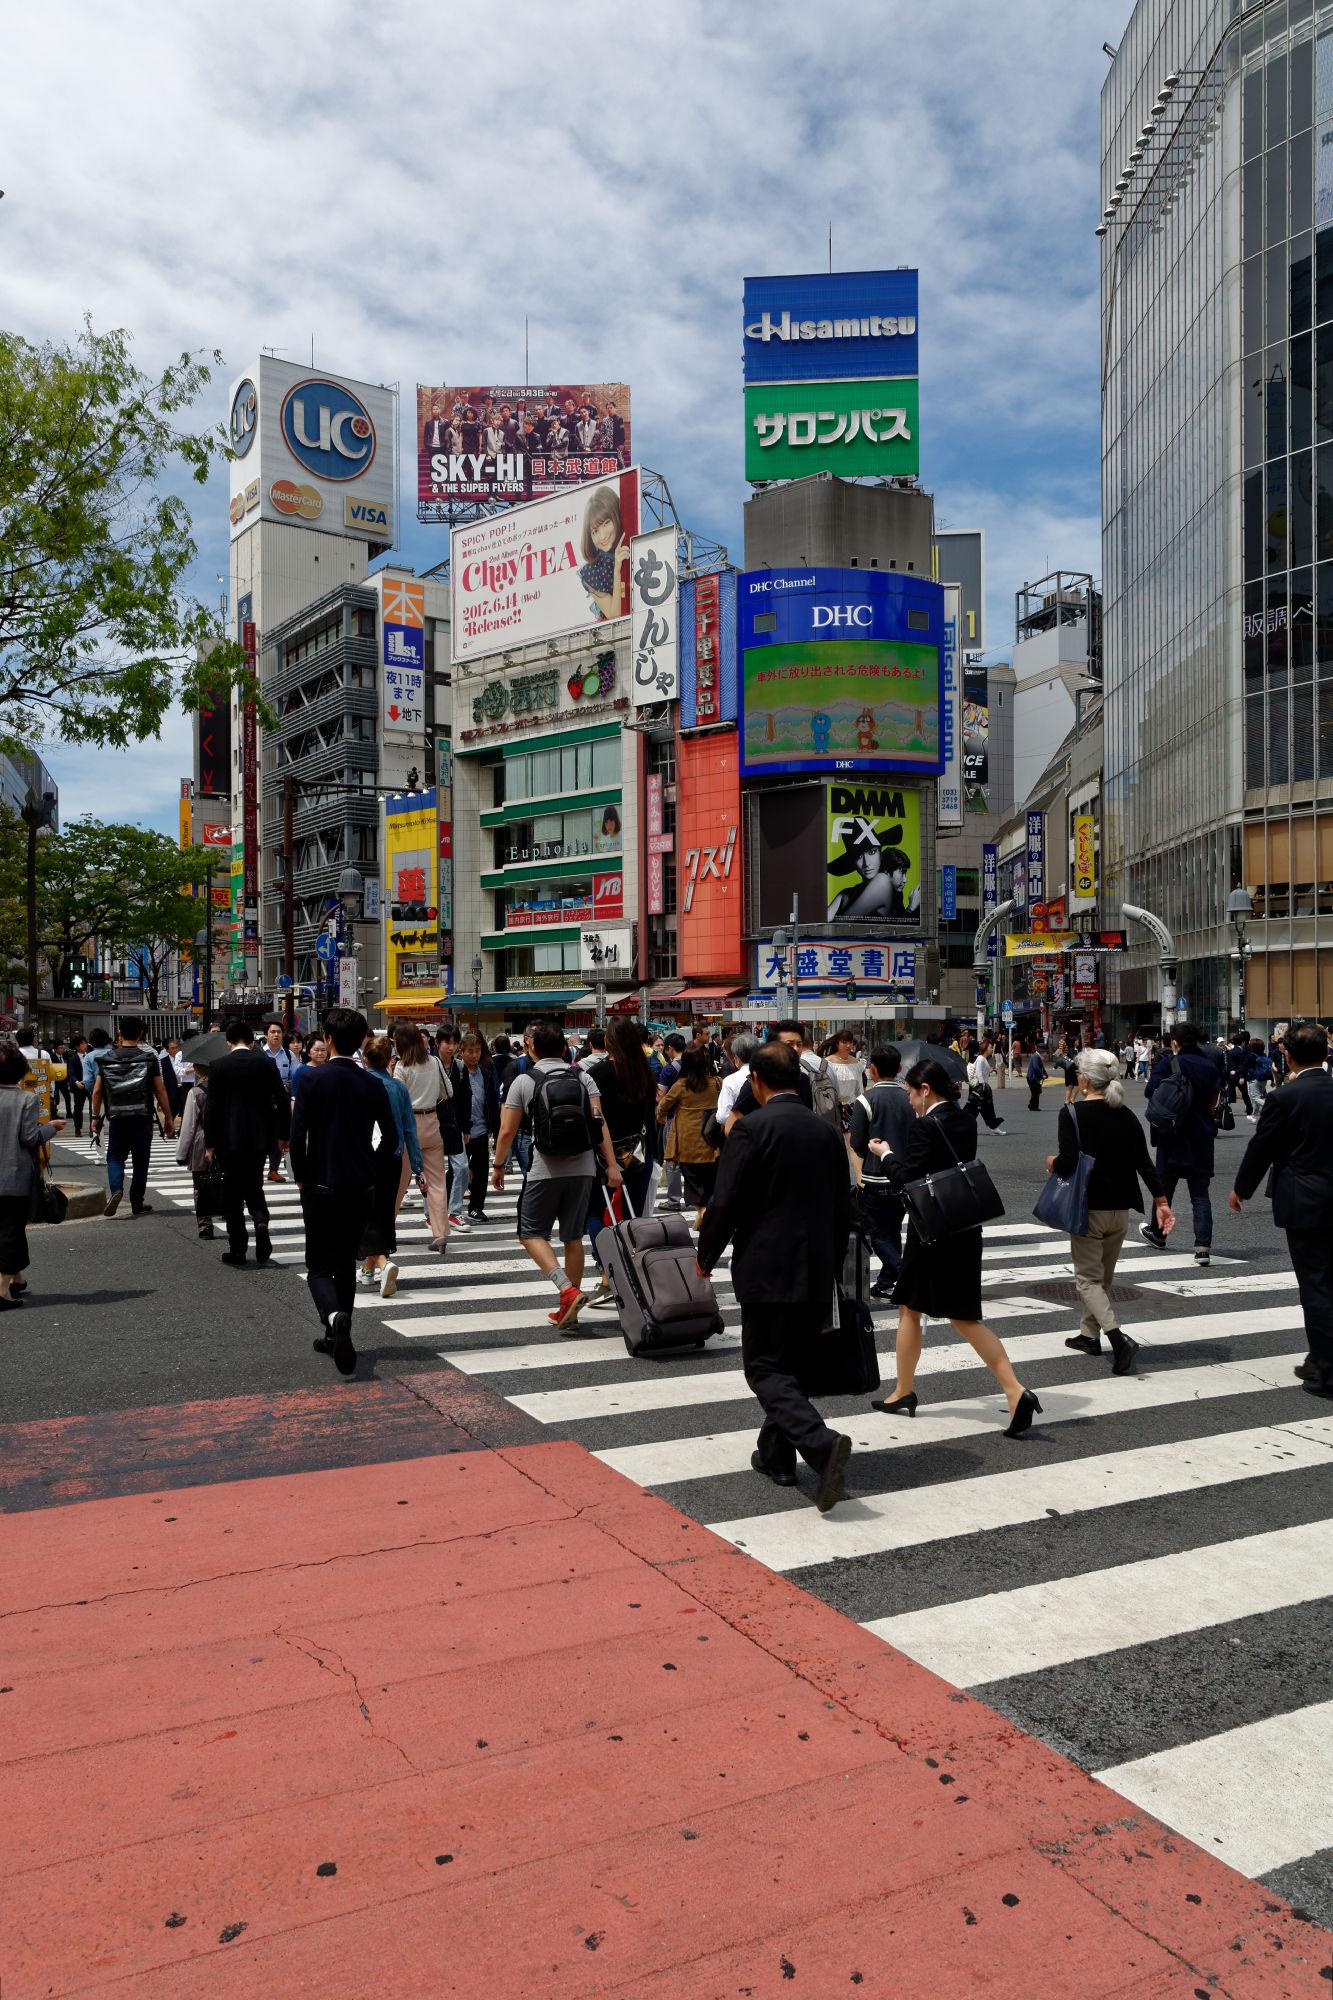 2017-04-18 12-13-49 Tokio